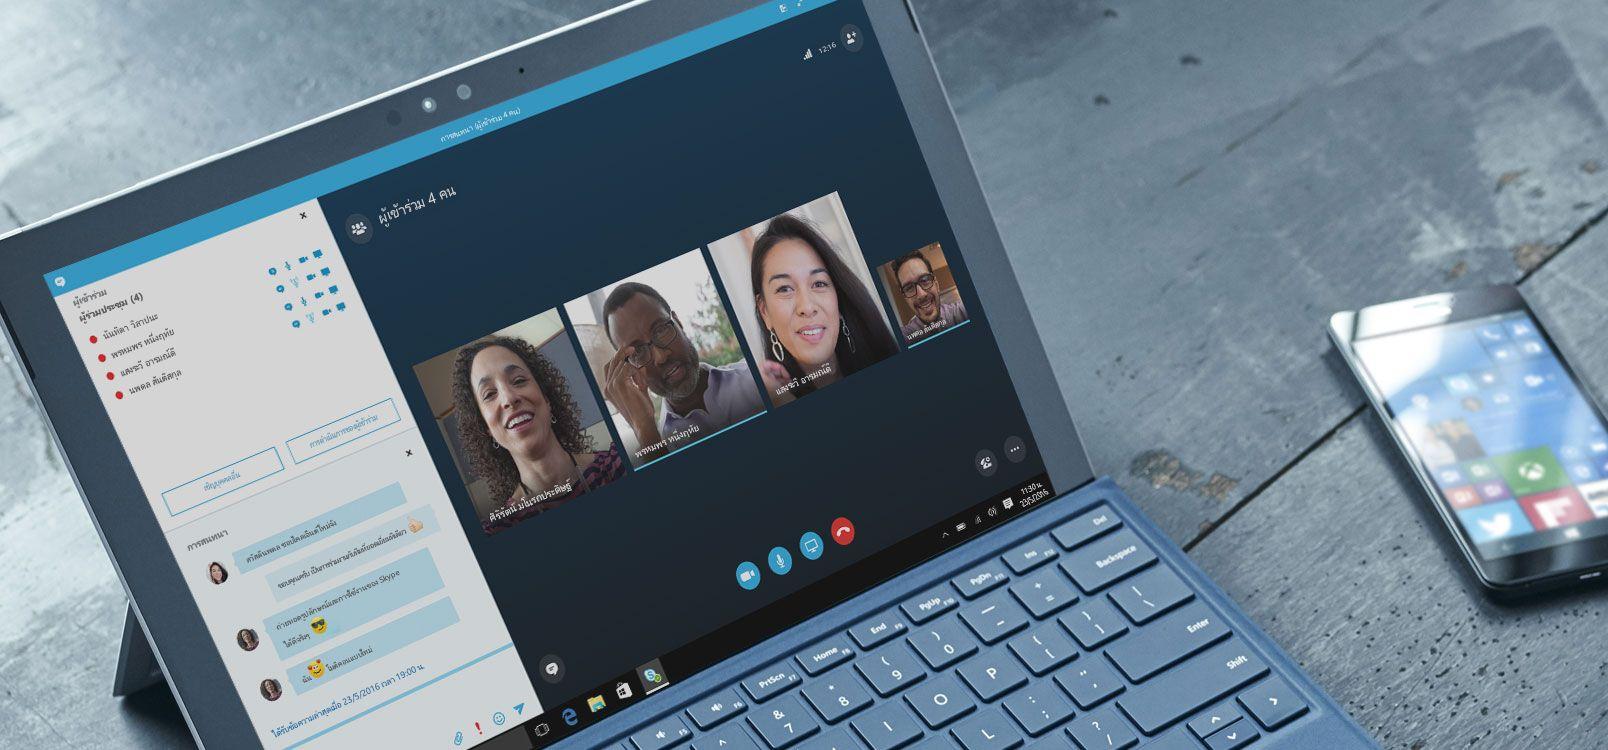 ผู้หญิงคนหนึ่งกำลังใช้ Office 365 แท็บเล็ตและสมาร์ทโฟนเพื่อทำงานเอกสารร่วมกัน